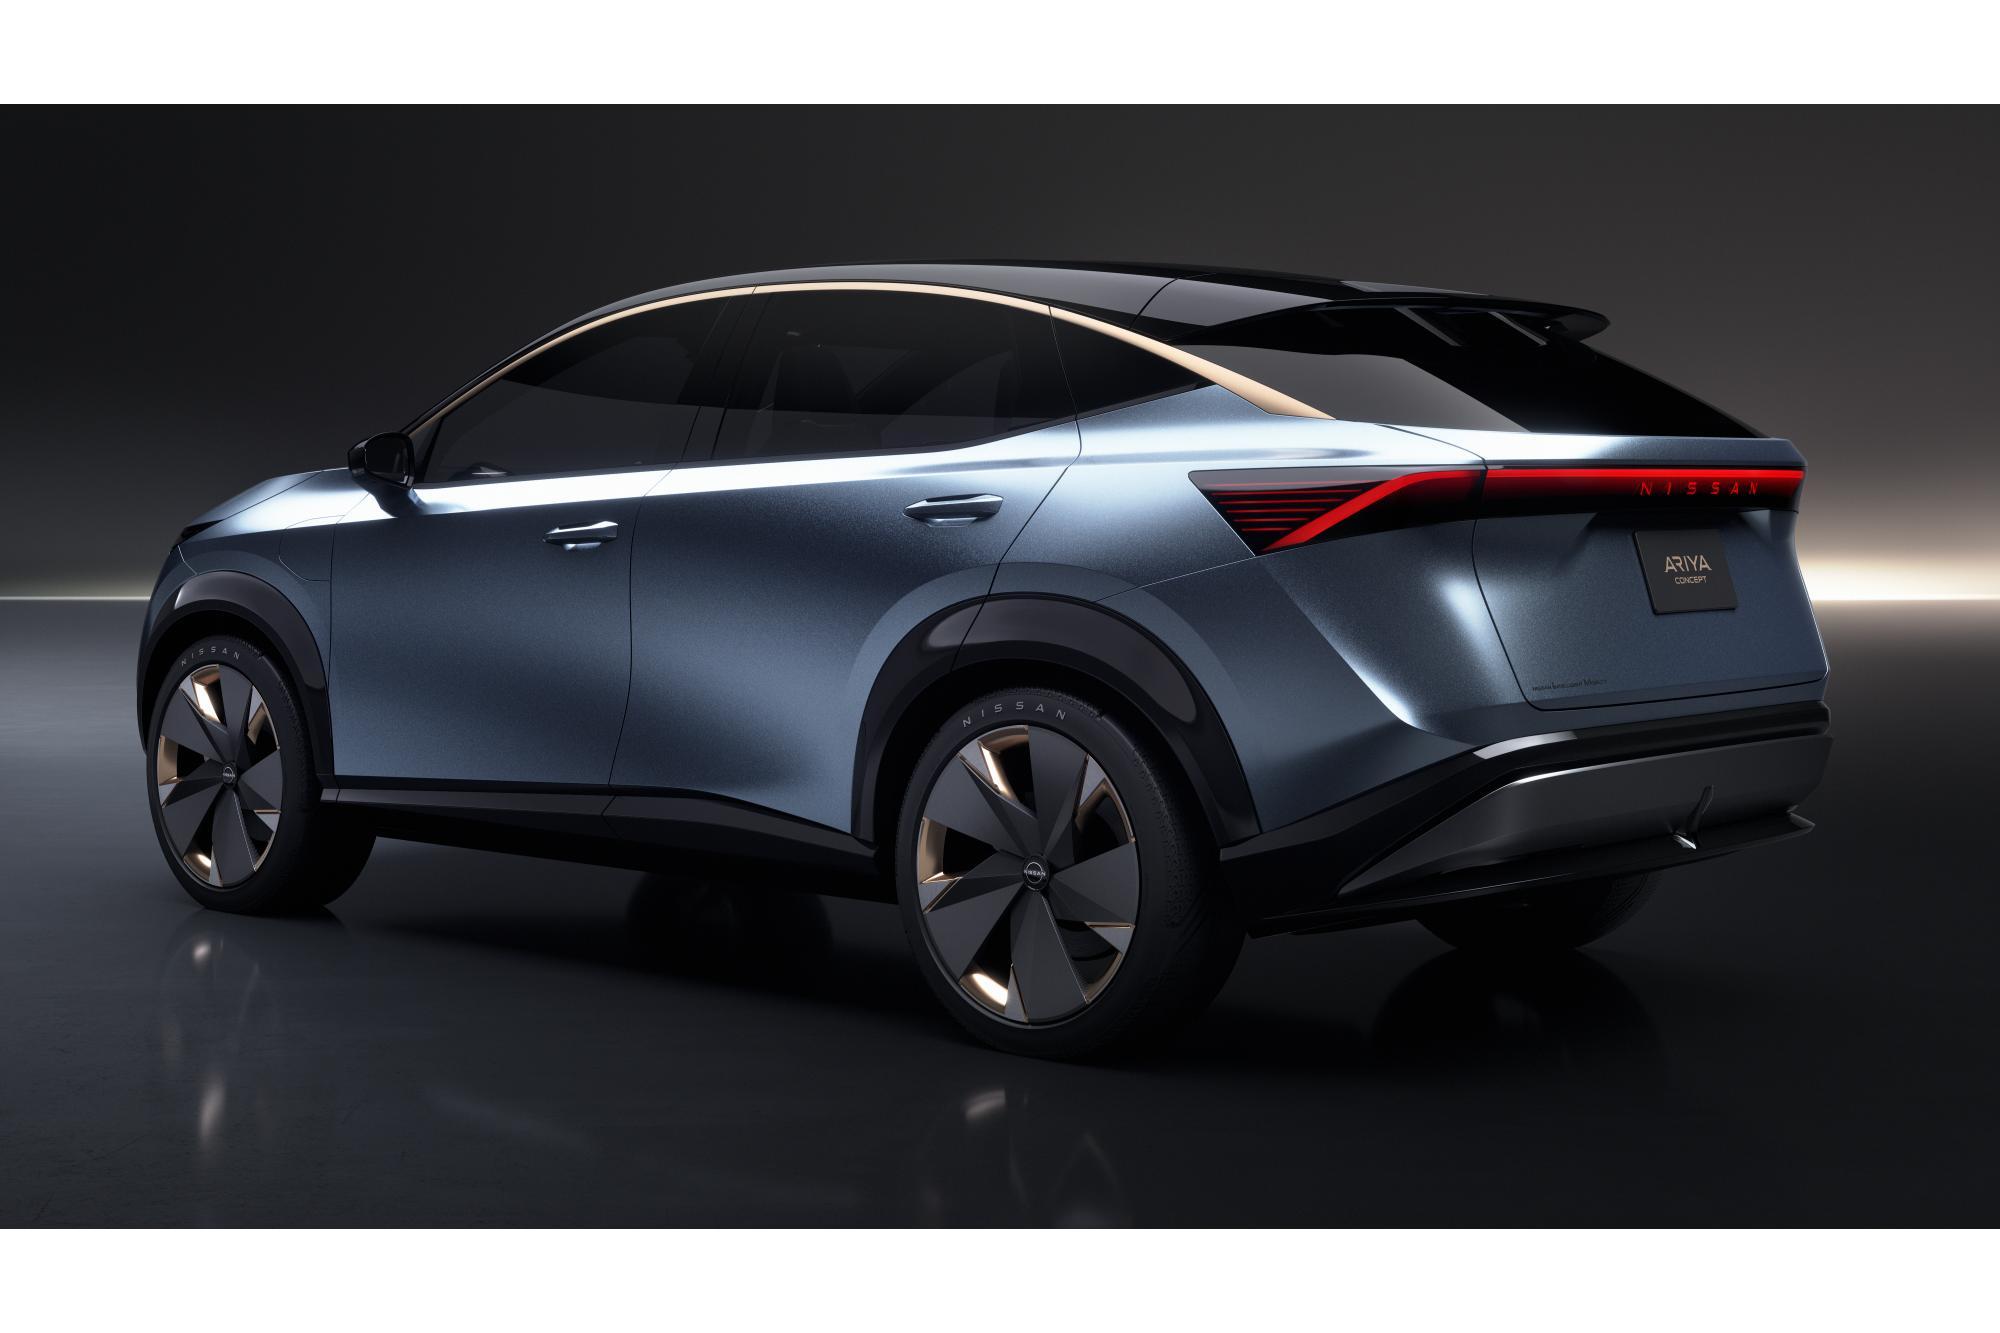 Από που αντλούν έμπνευση οι σχεδιαστές της Nissan;